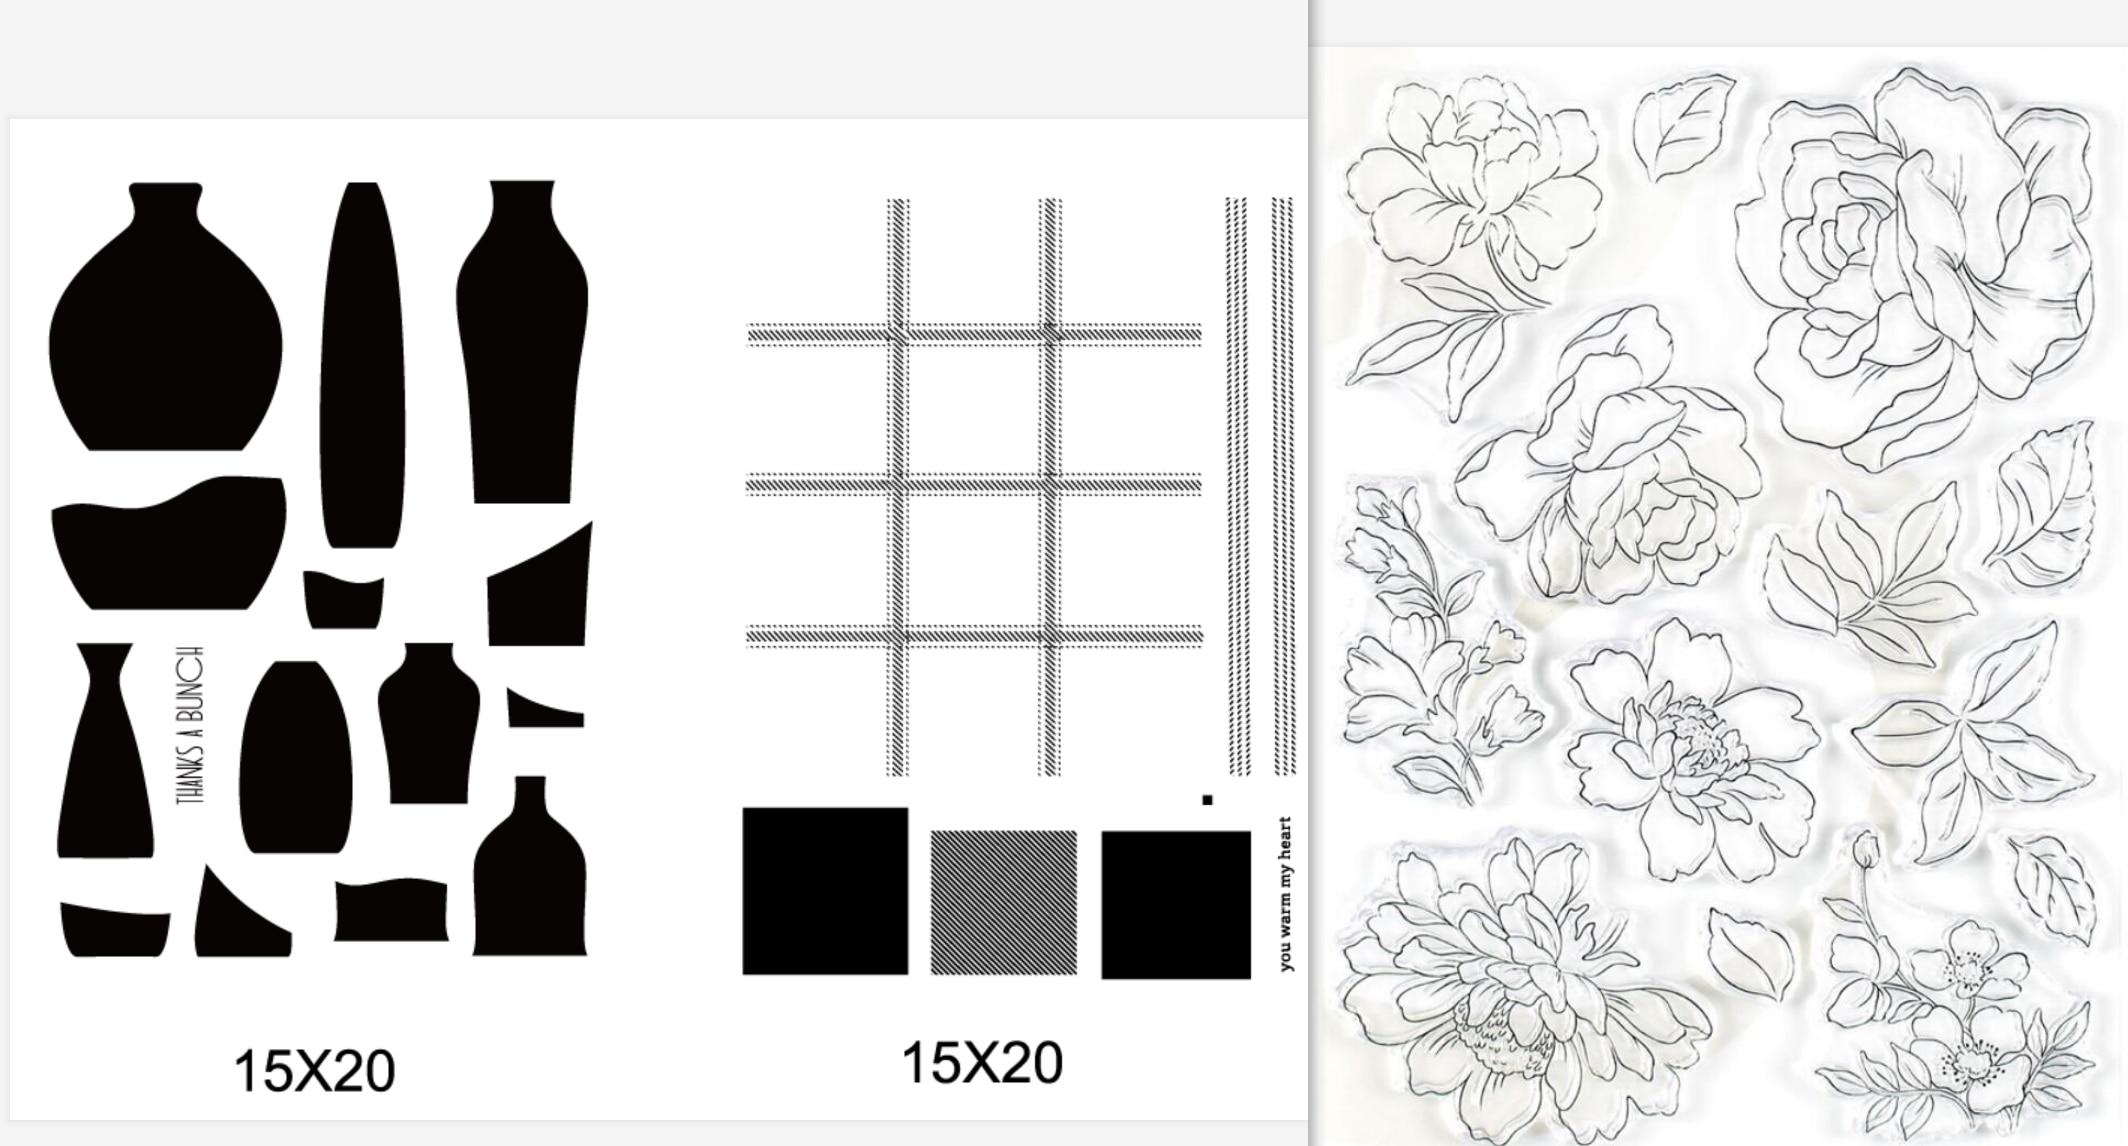 Sello de silicona Trasparente de flores Clea r para álbum de recortes DIY sello transparente decorativo A3090